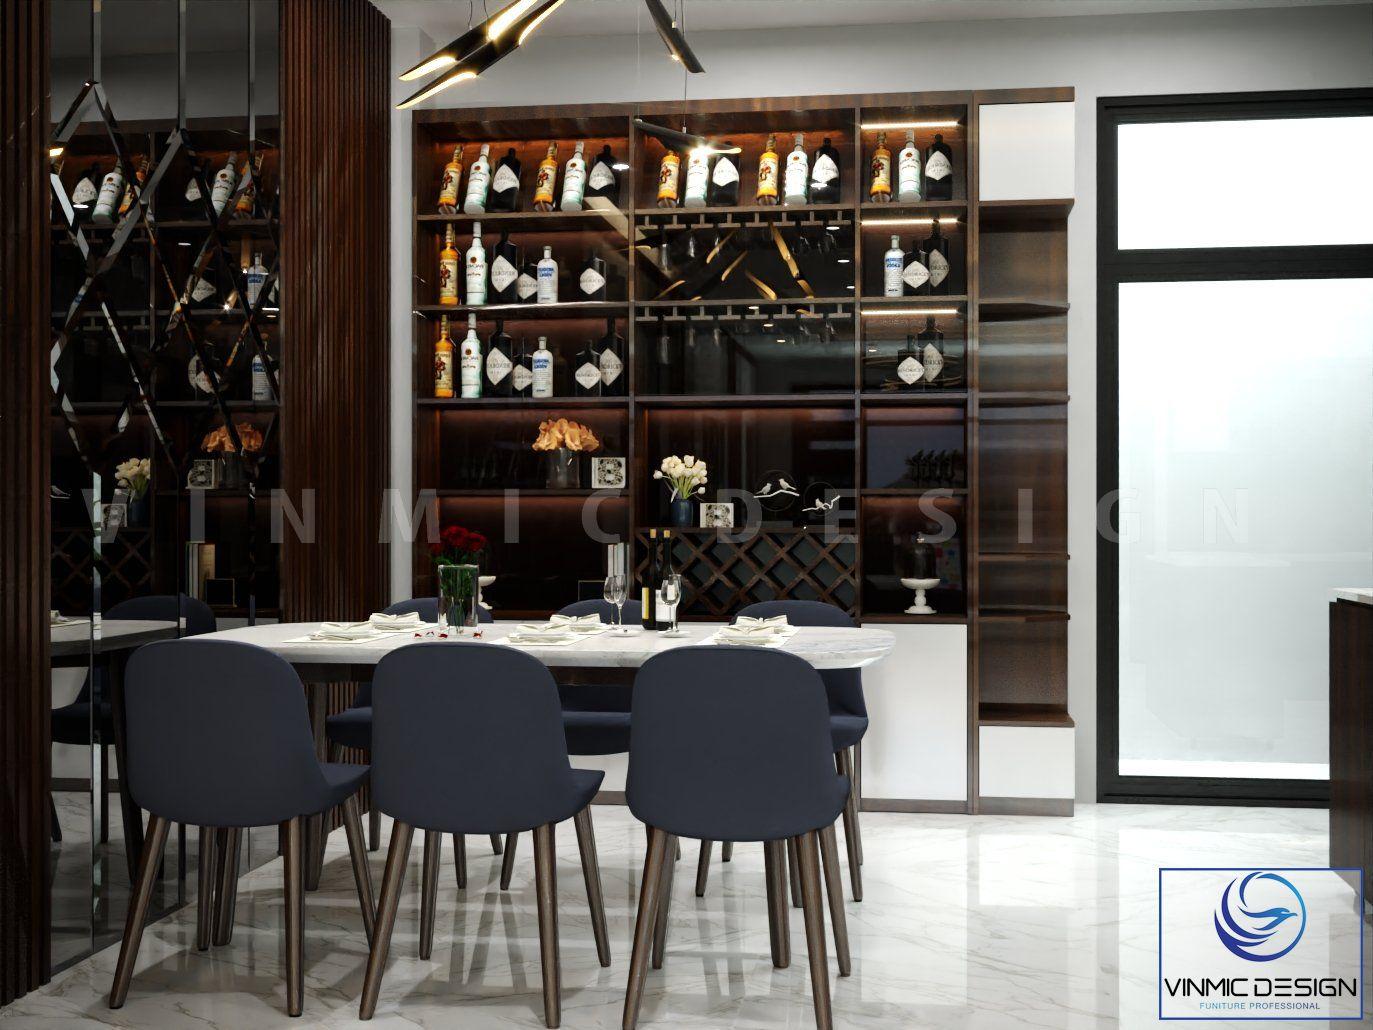 Thiết kế tủ rượu tinh tế, ánh sáng từ đèn les thu hút khách đến chơi nhà